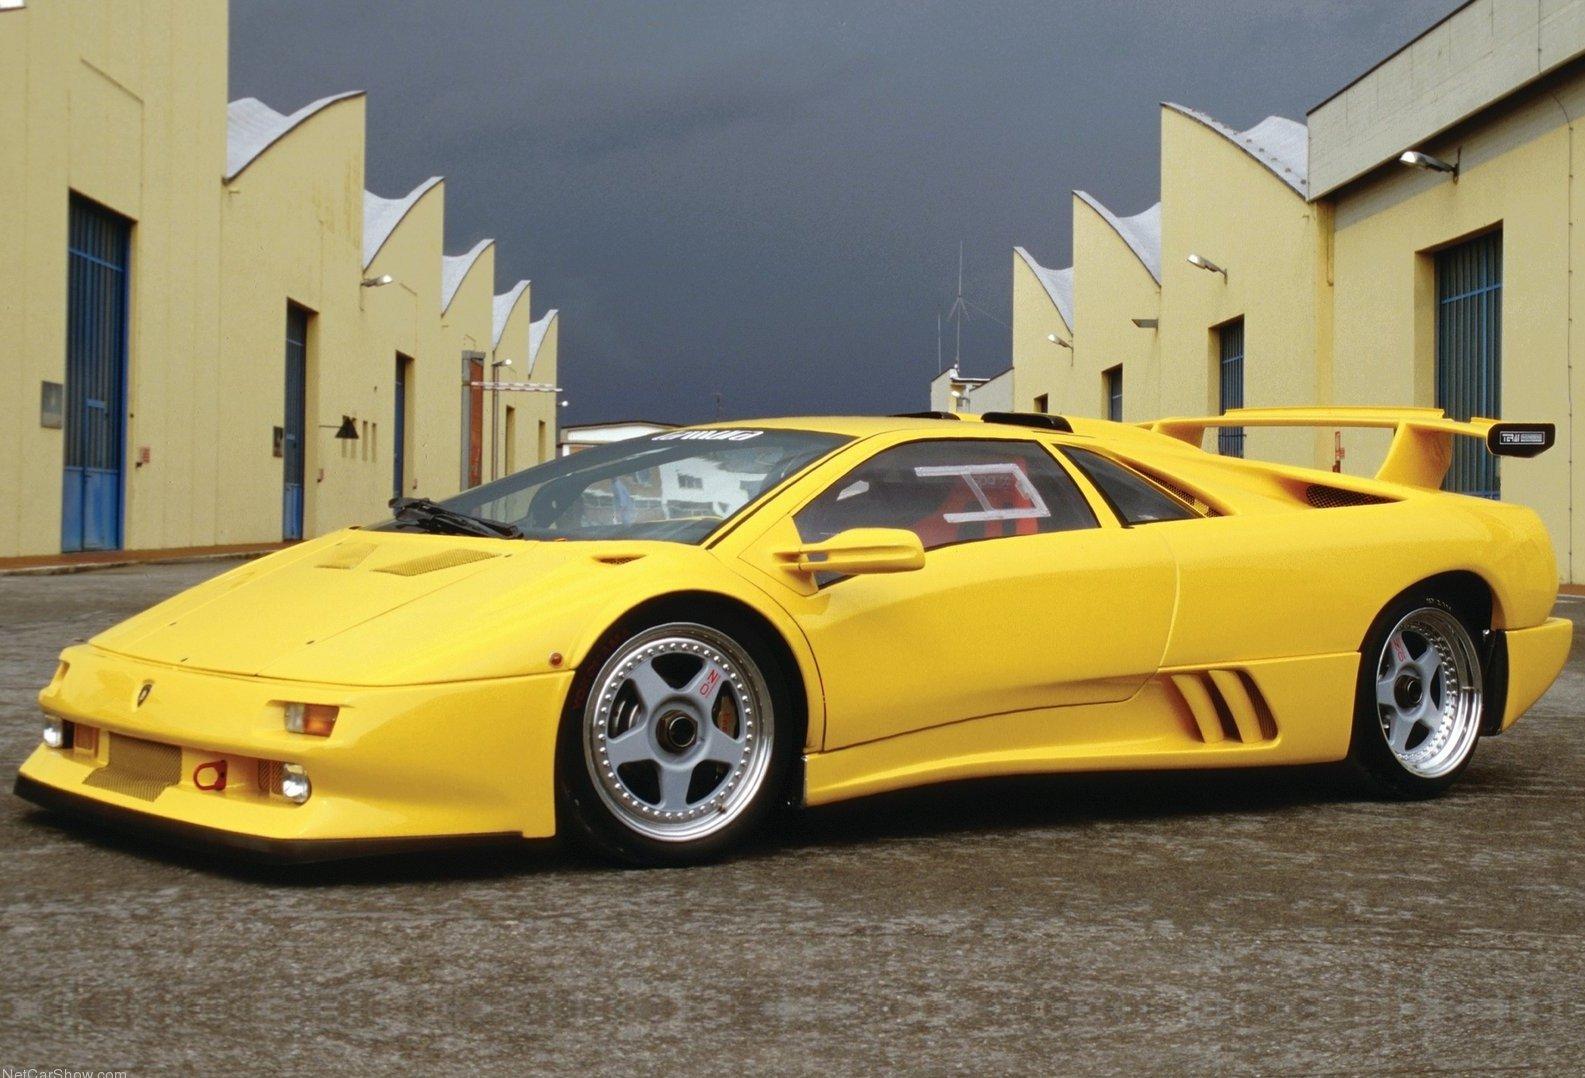 Lamborghini Diablo - 1 trong các dòng xe Lamborghini nổi bật nhất.